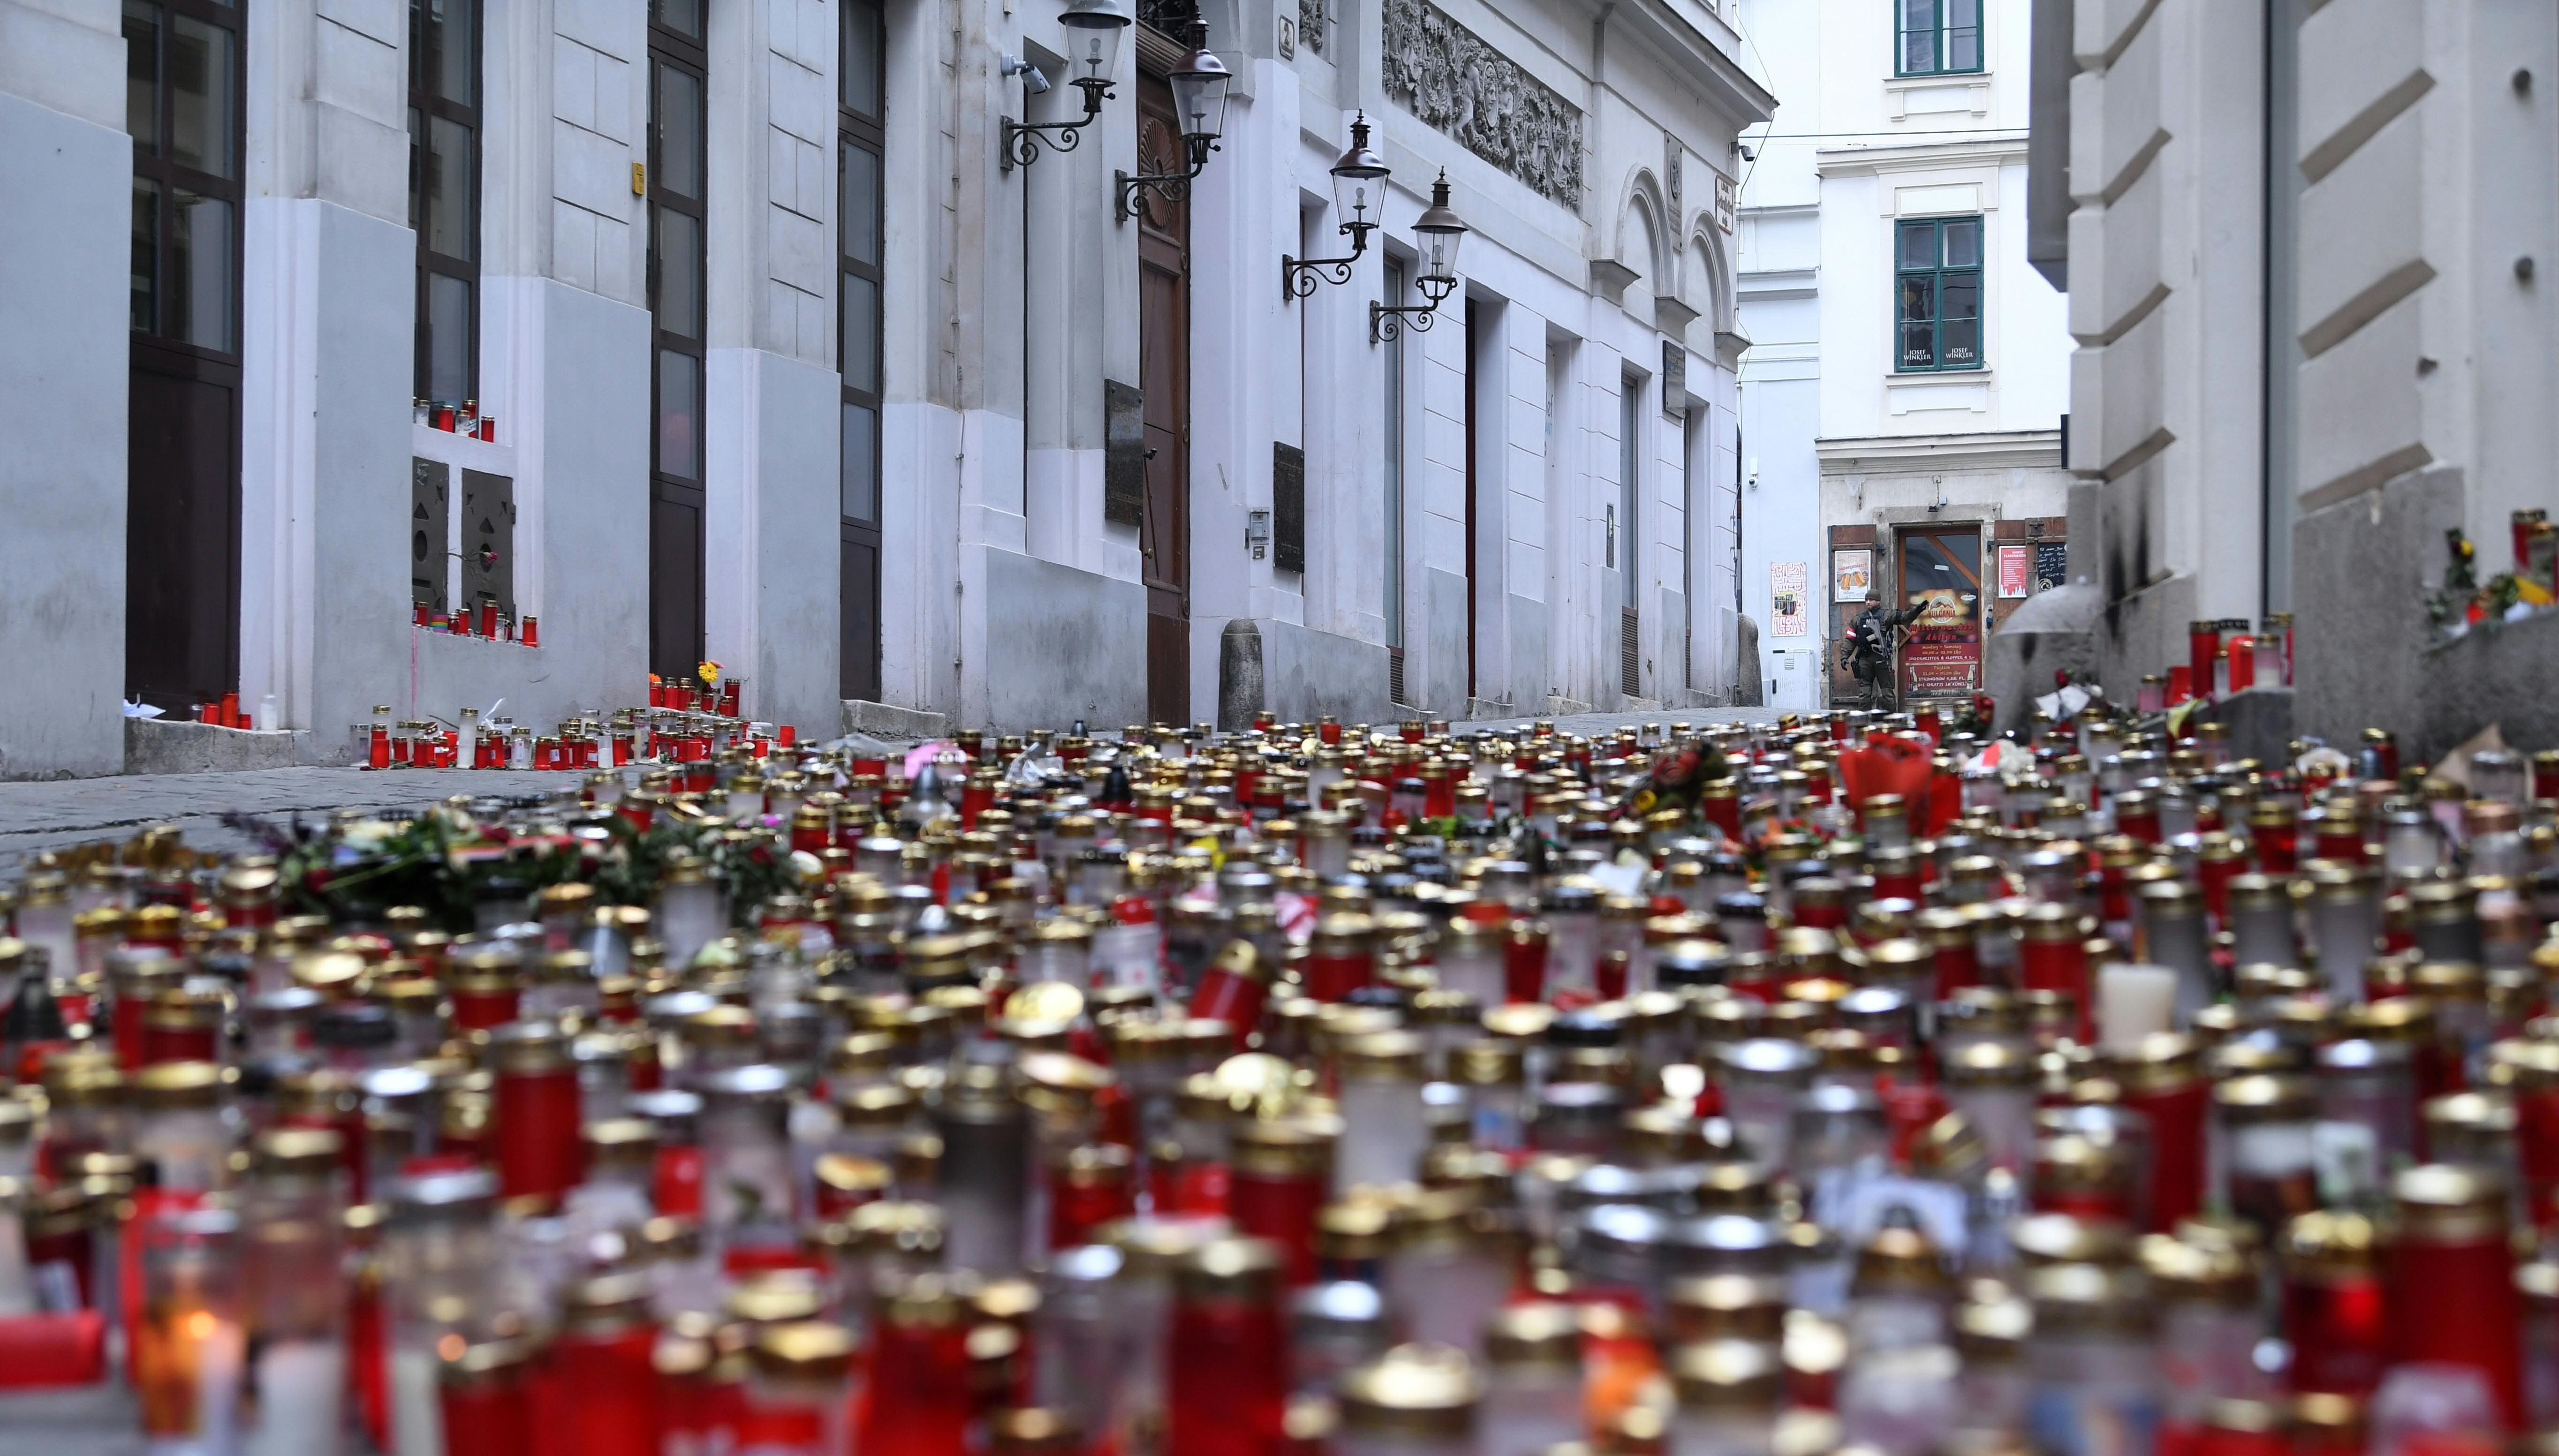 Wiener Rabbiner nimmt Muslime nach Anschlag in Schutz